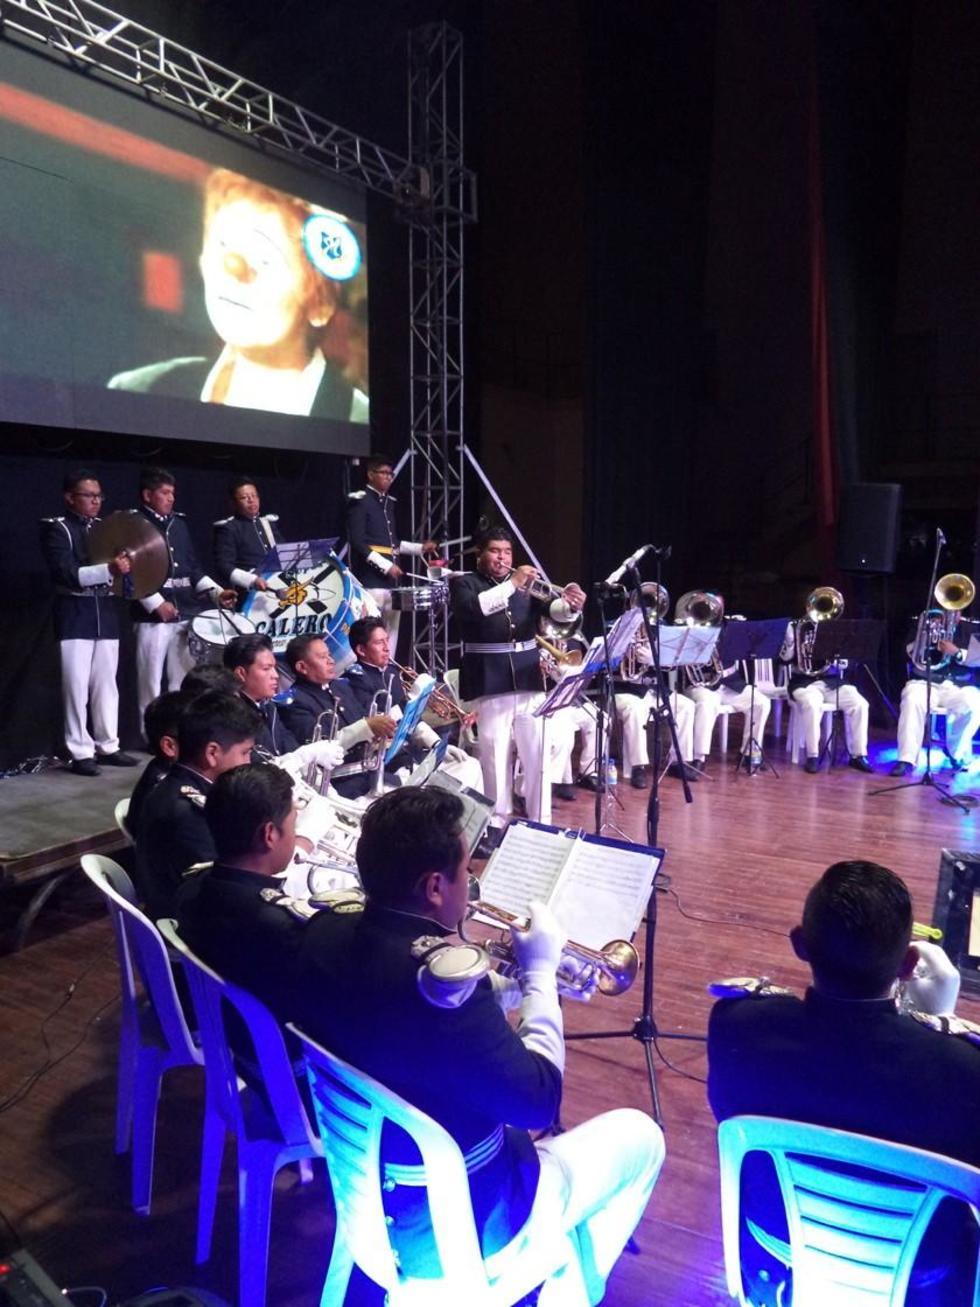 Los músicos lucen el tradicional azul y blanco.